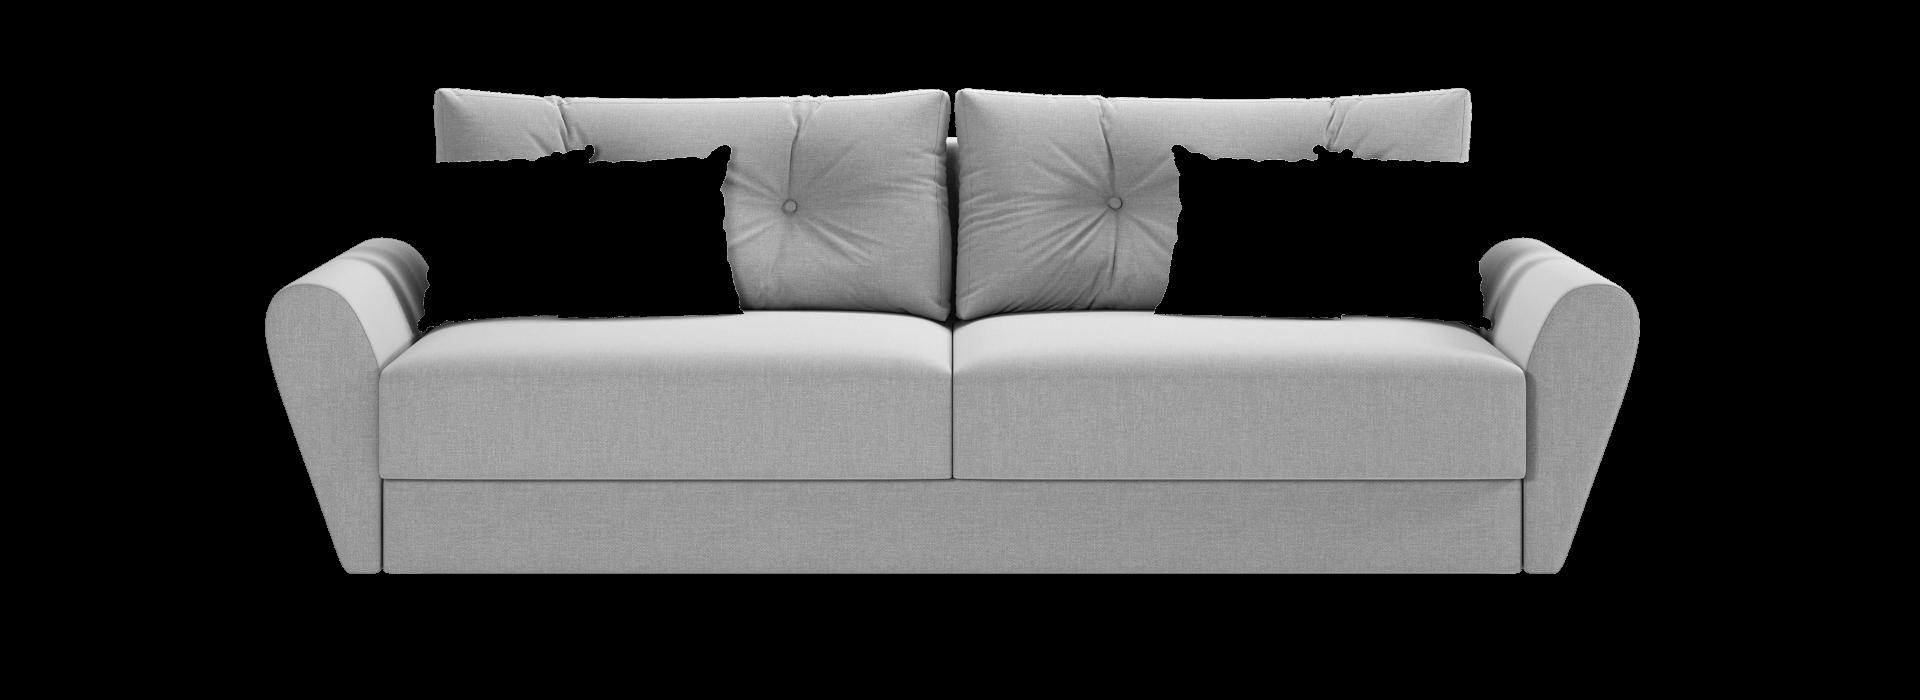 Даріо % прямий диван - маска 1